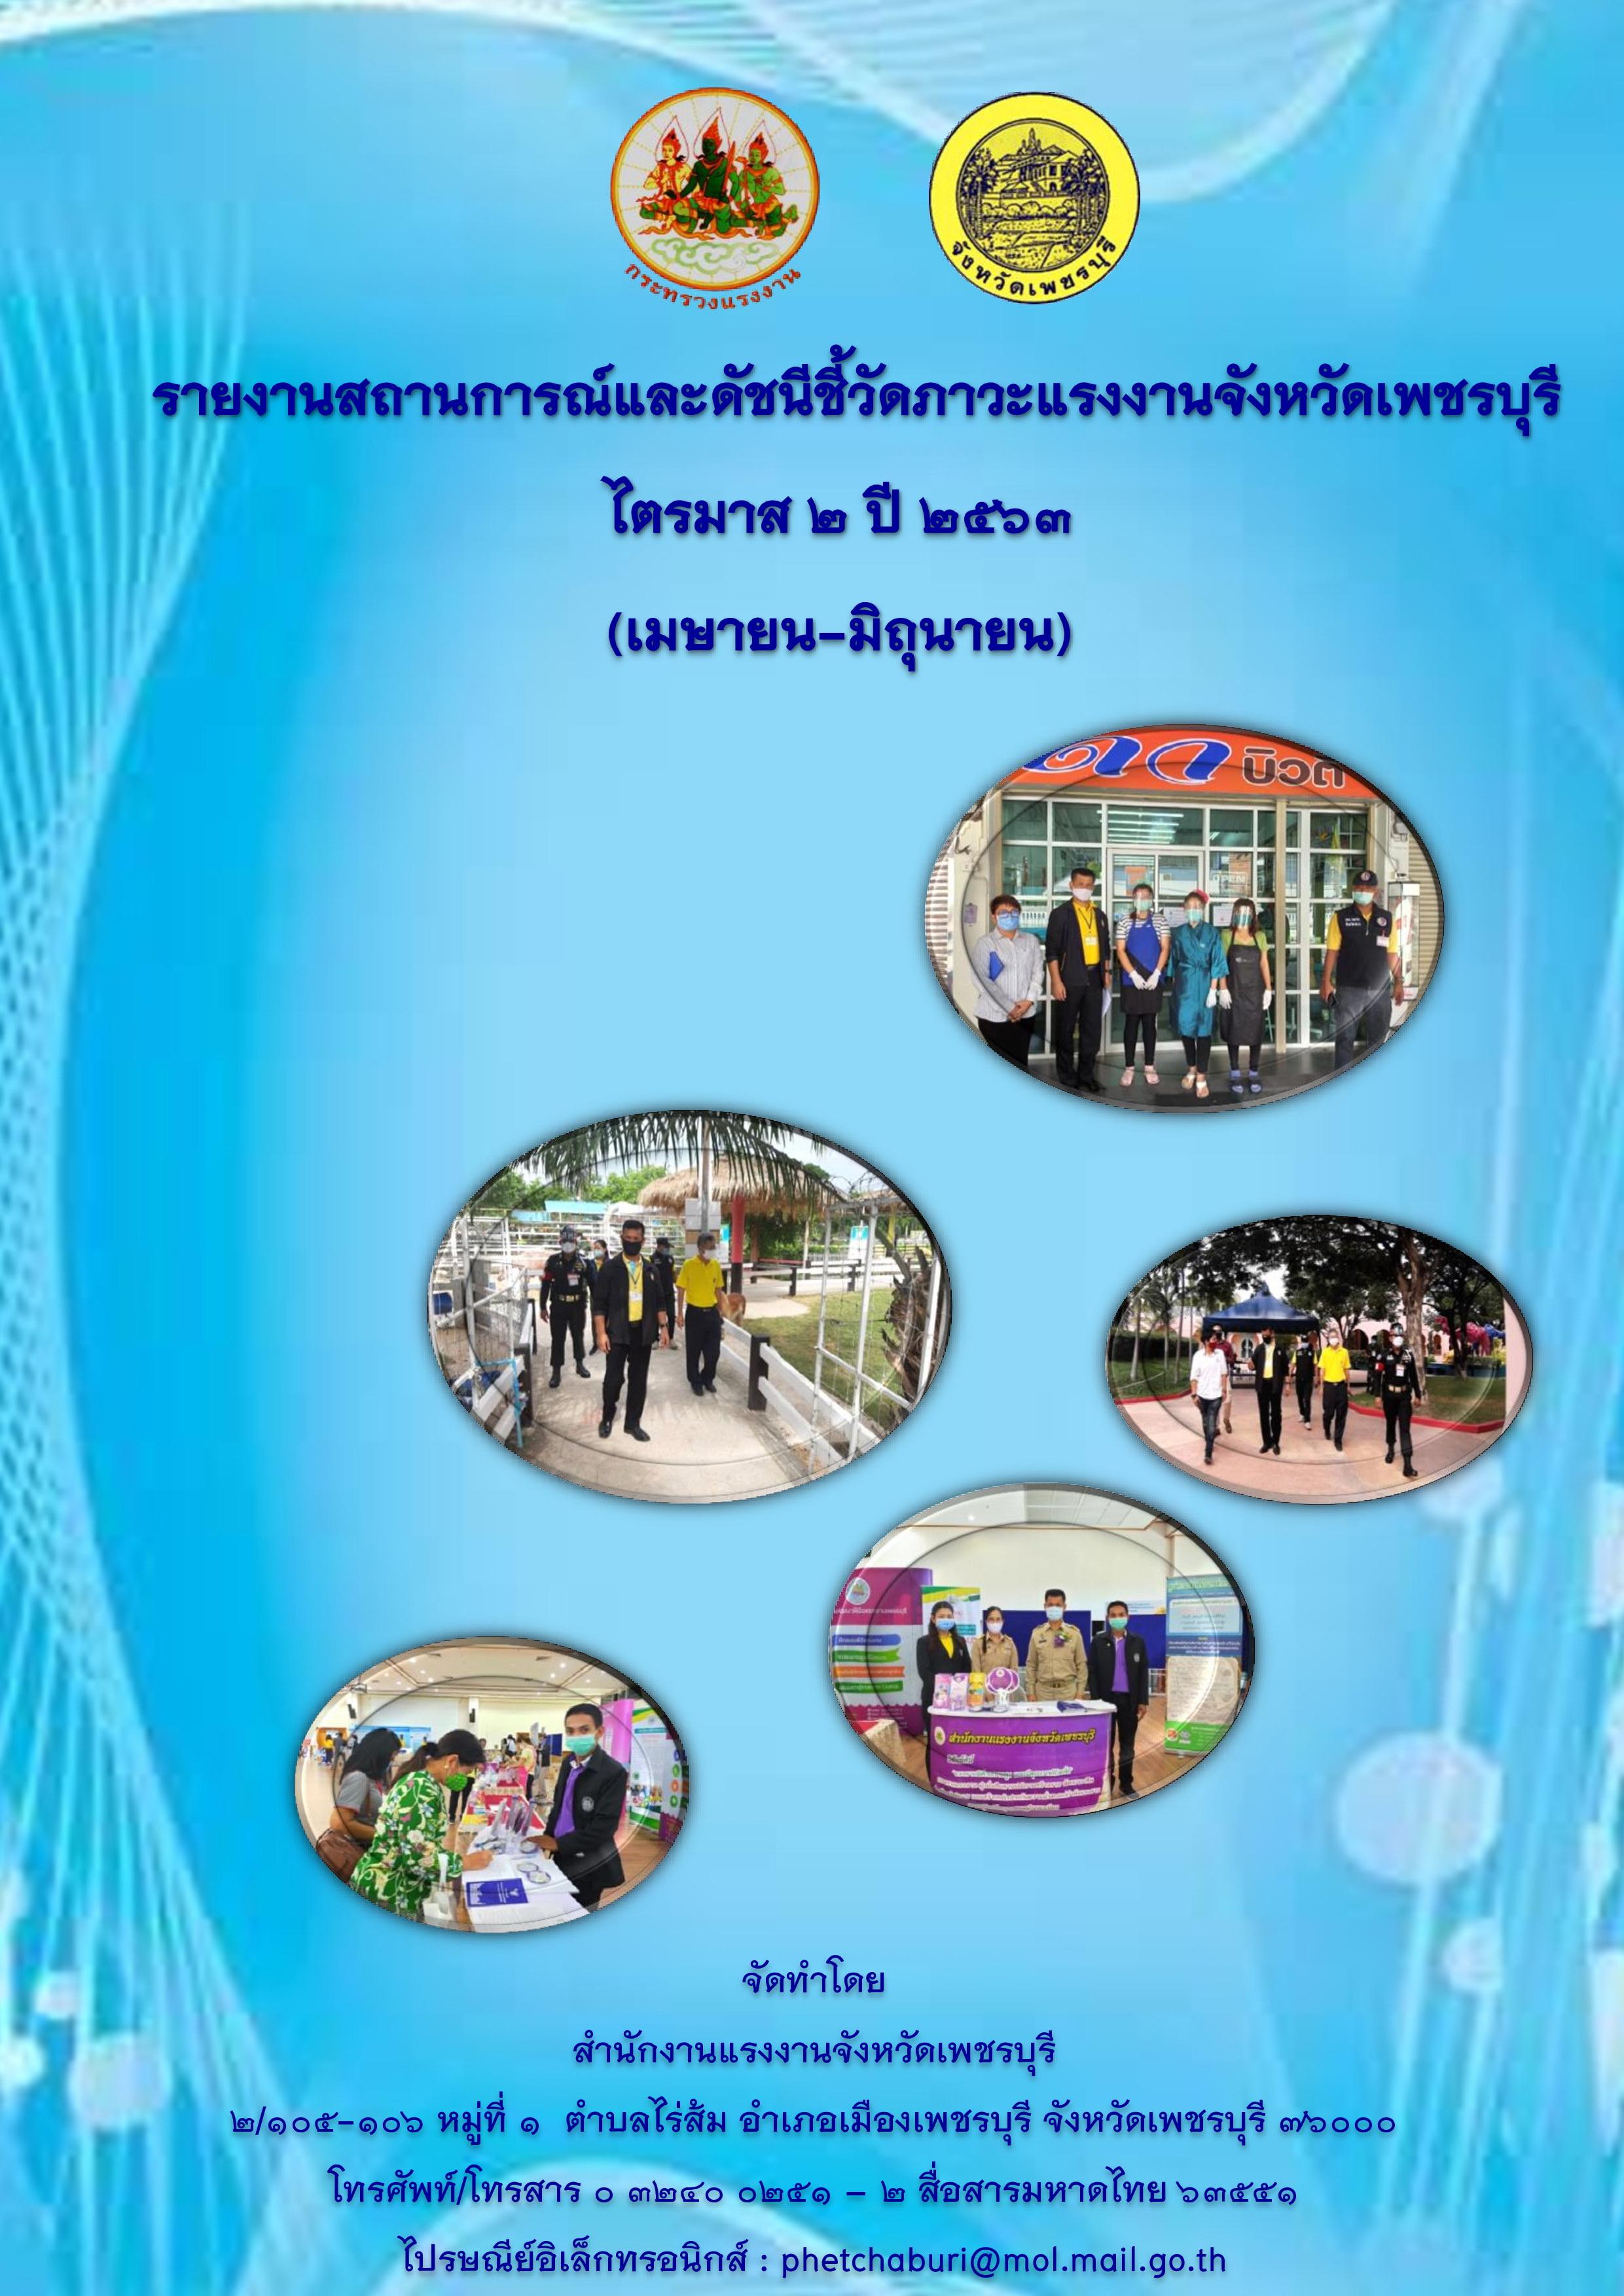 รายงานสถานการณ์และดัชนีชี้วัดภาวะแรงงานจังหวัดเพชรบุรี ไตรมาส 2 ปี 2563 (เมษายน-มิถุนายน)